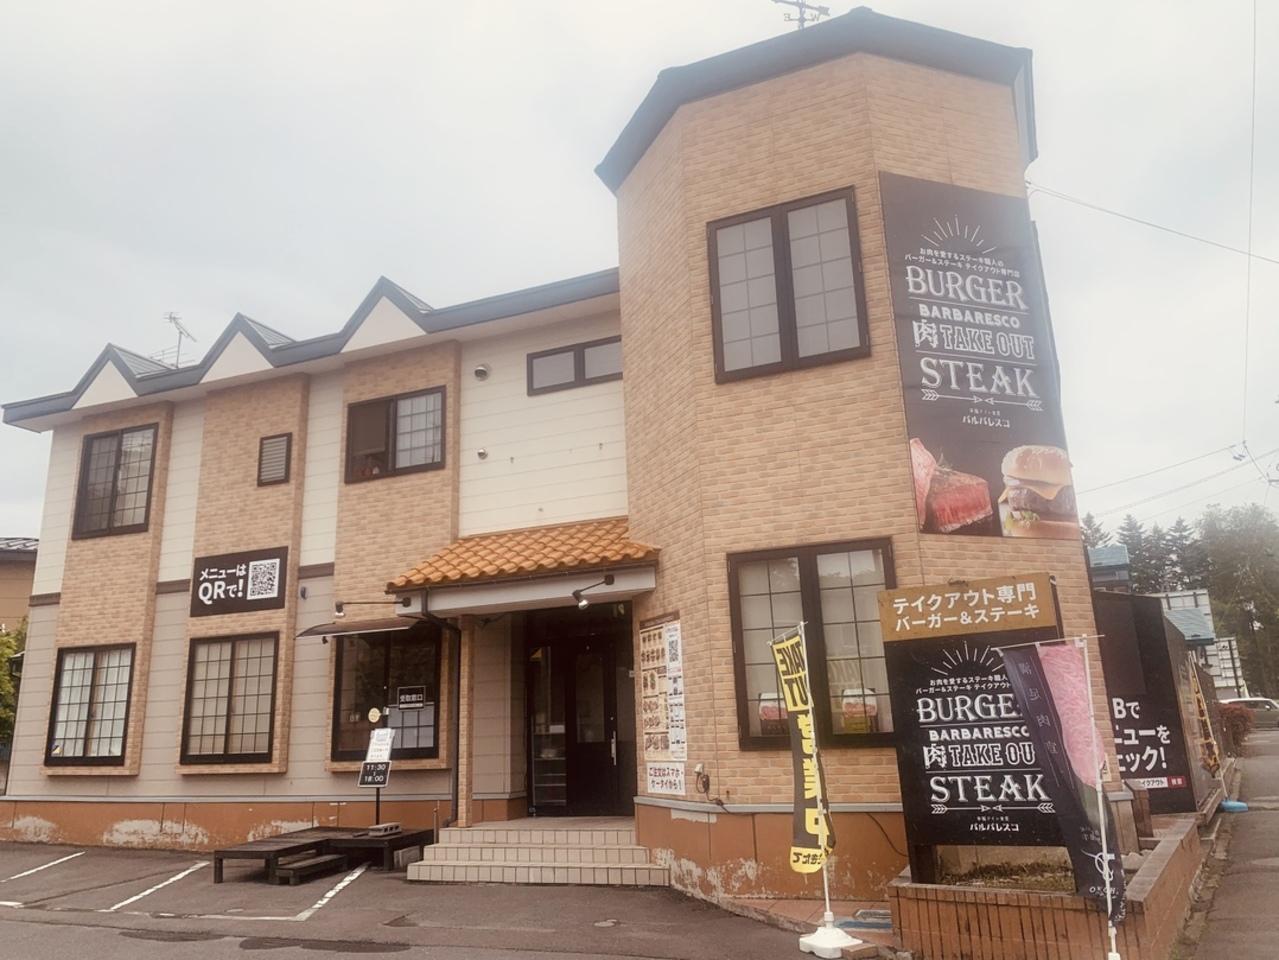 【青森県八戸市】「バルバレスコ テイクアウト専門店」 21.7.1(予定)移転オープンするそうです!